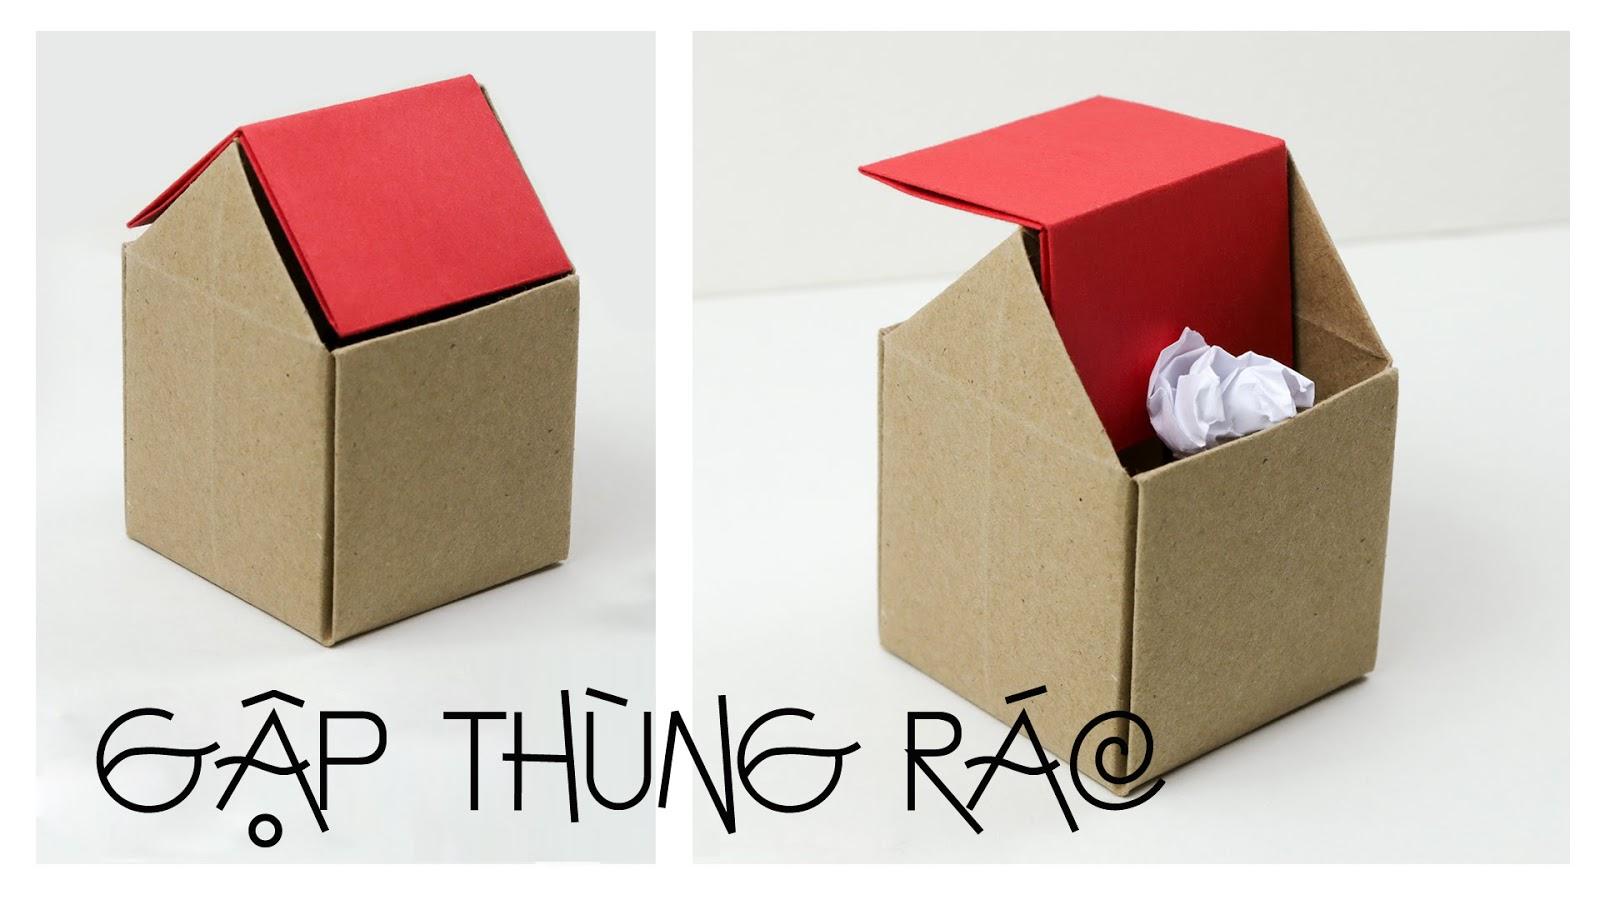 Hướng dẫn gấp thùng rác để bàn siêu Cool - Ai Khéo Tay - photo#35